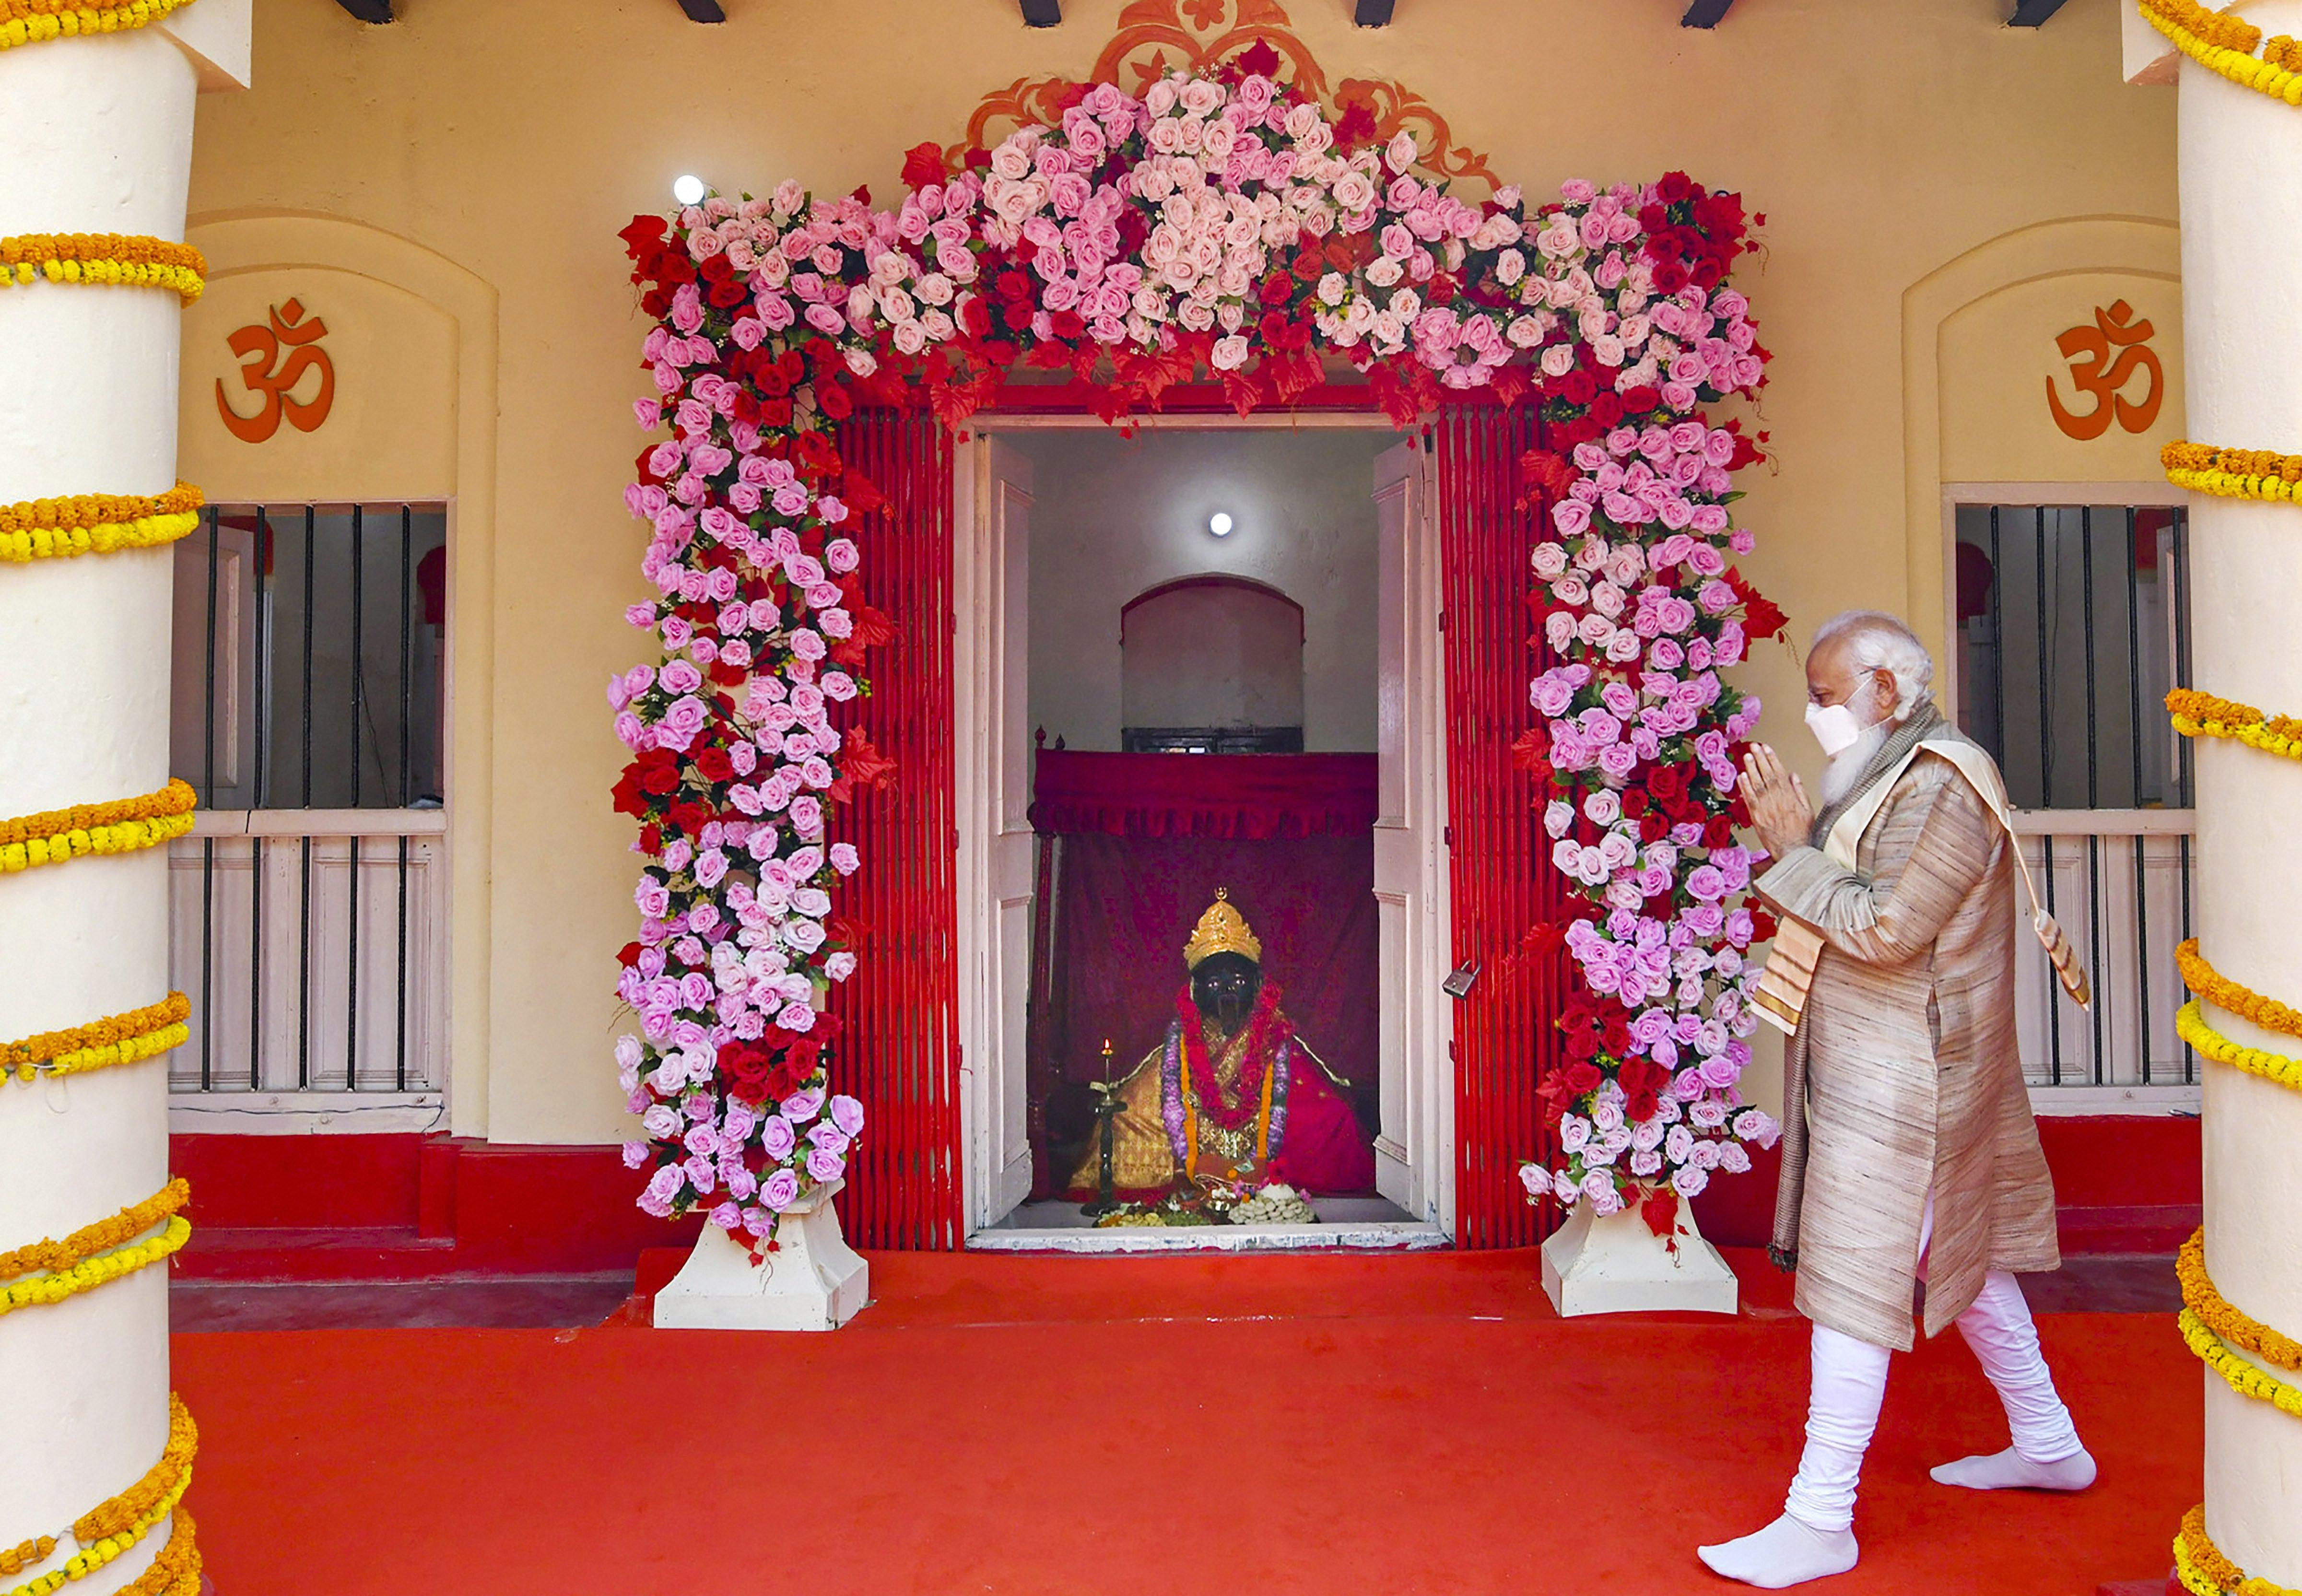 PM नरेंद्र मोदी 26-27 मार्च को बांग्लादेश के दौरे पर थे। यहां वे देश की आजादी की 50वीं वर्षगांठ में शामिल होने के साथ ही जेशोरेश्वरी मंदिर में दर्शन के लिए गए थे।